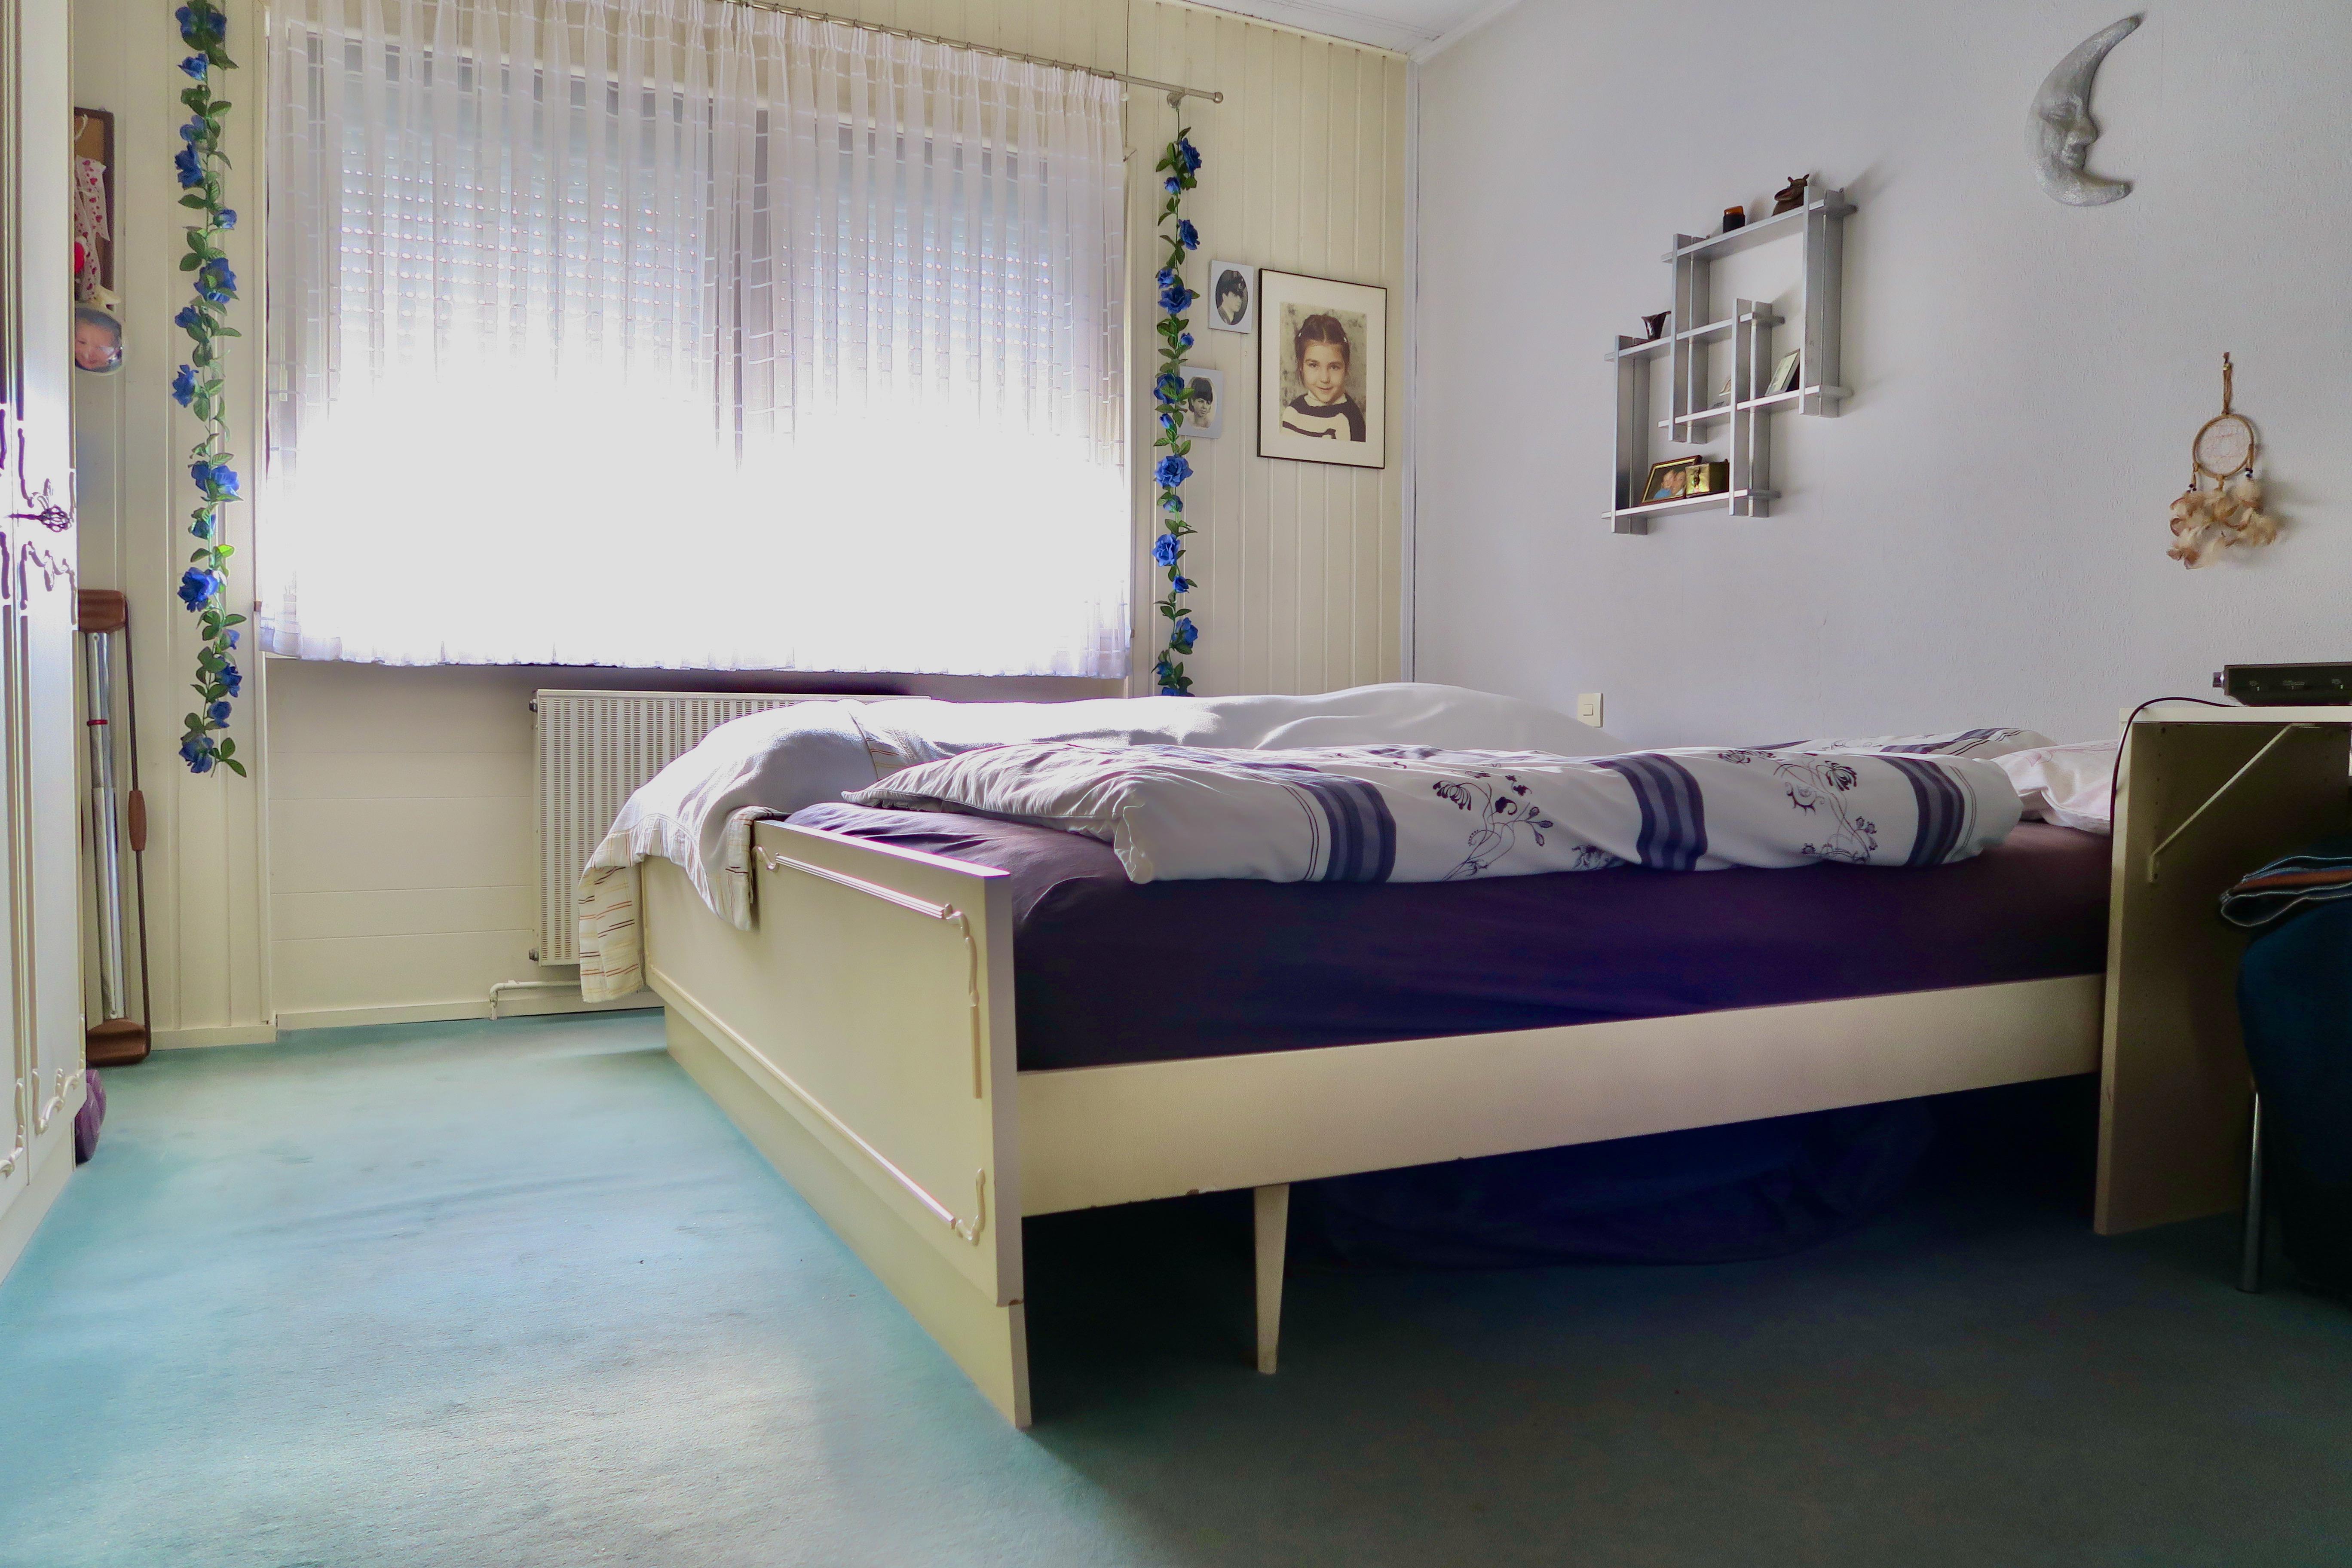 Schlafzimmer.jpeg